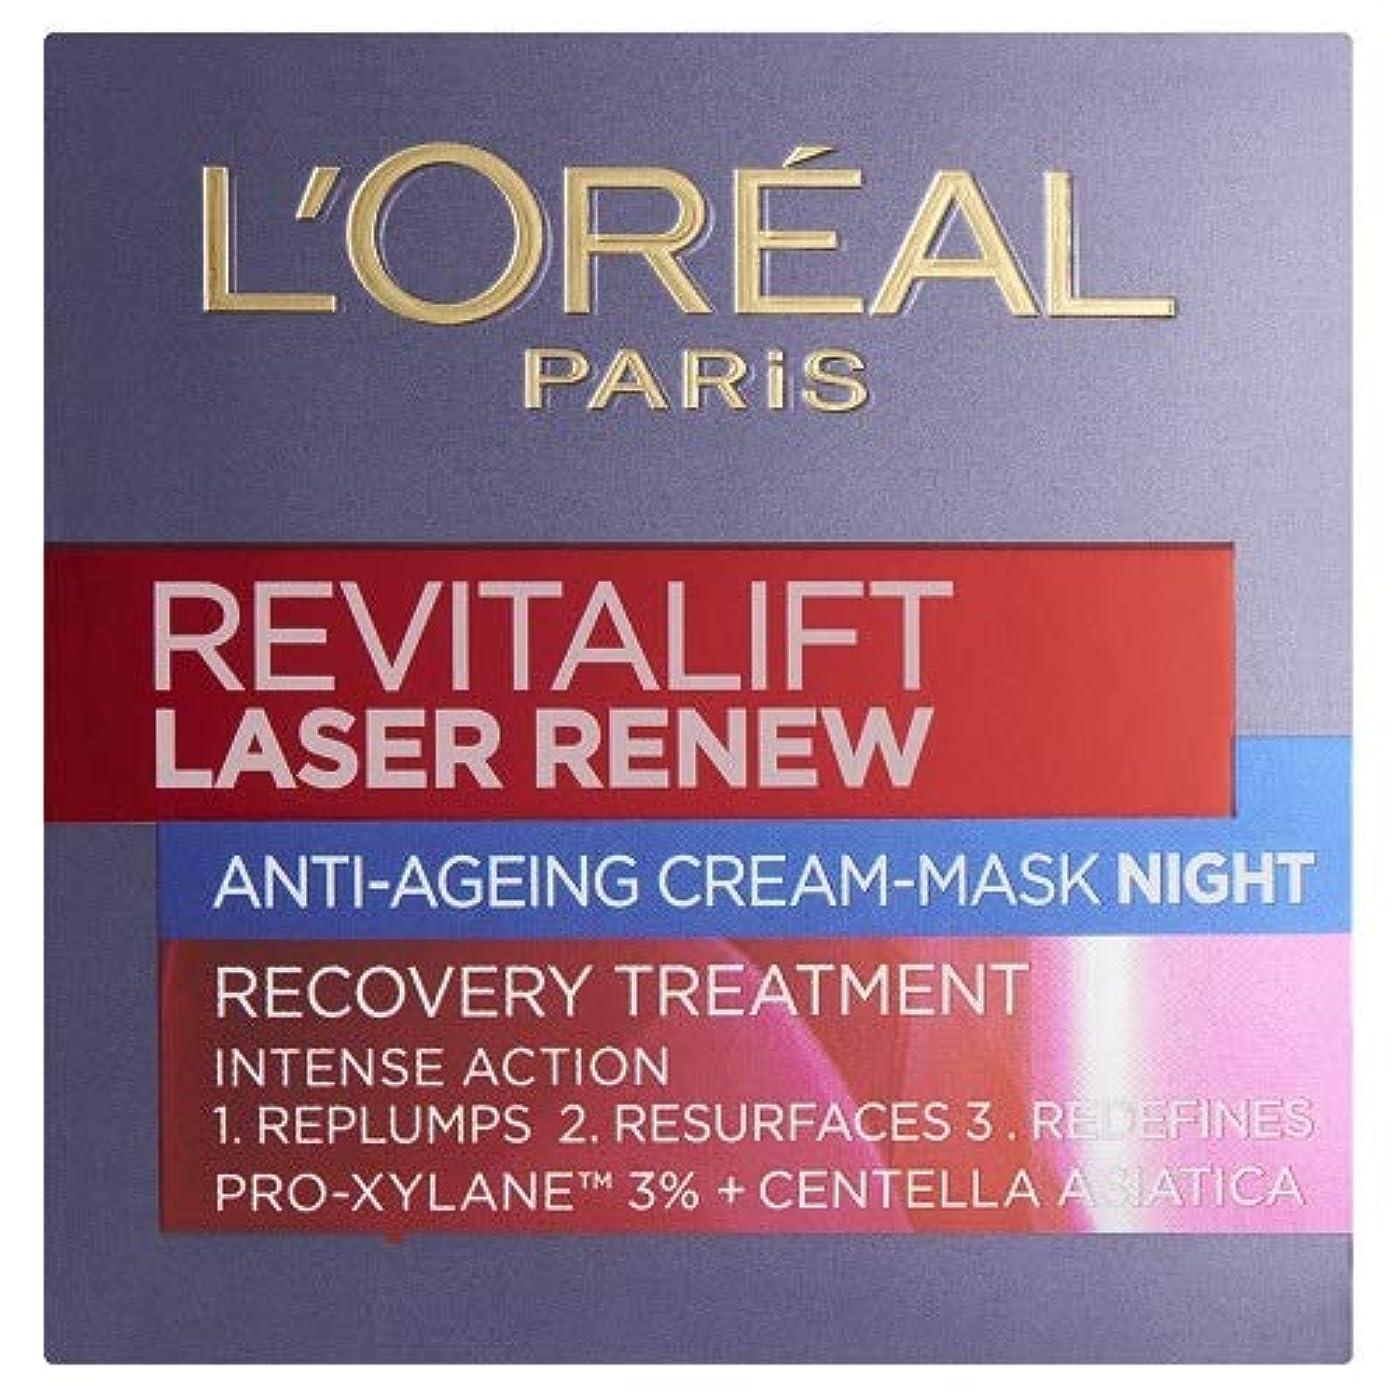 避けられないくすぐったいくすぐったいL'Oreal Paris Revitalift Laser Renew Night Cream (50ml) パリrevitaliftレーザーはナイトクリームを更新l'オラ?ら( 50ミリリットル)